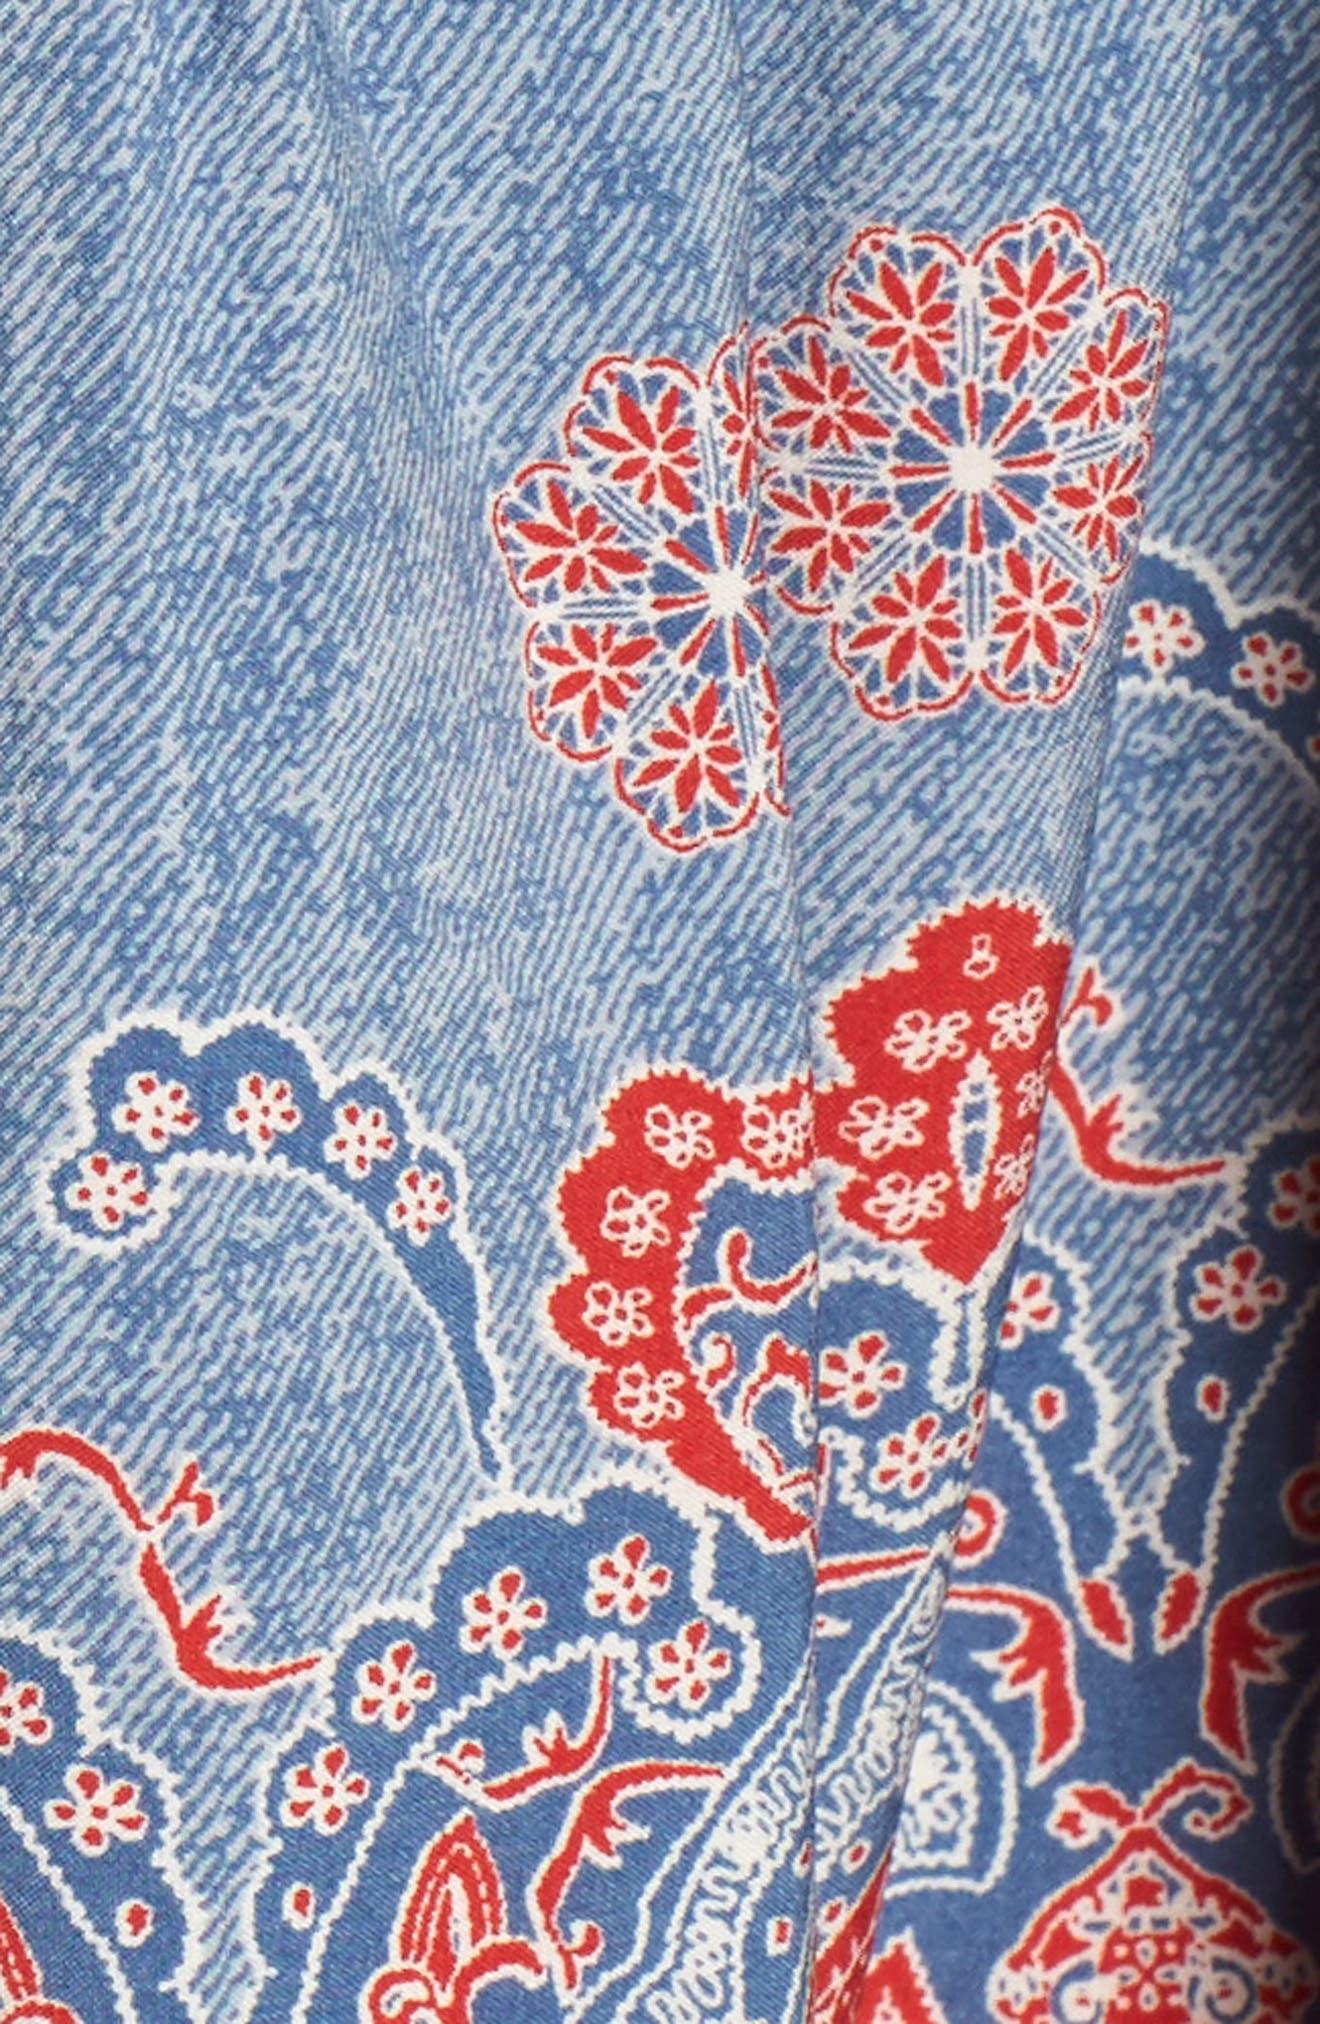 Tatiana Minidress,                             Alternate thumbnail 5, color,                             Blue/ Red Multi